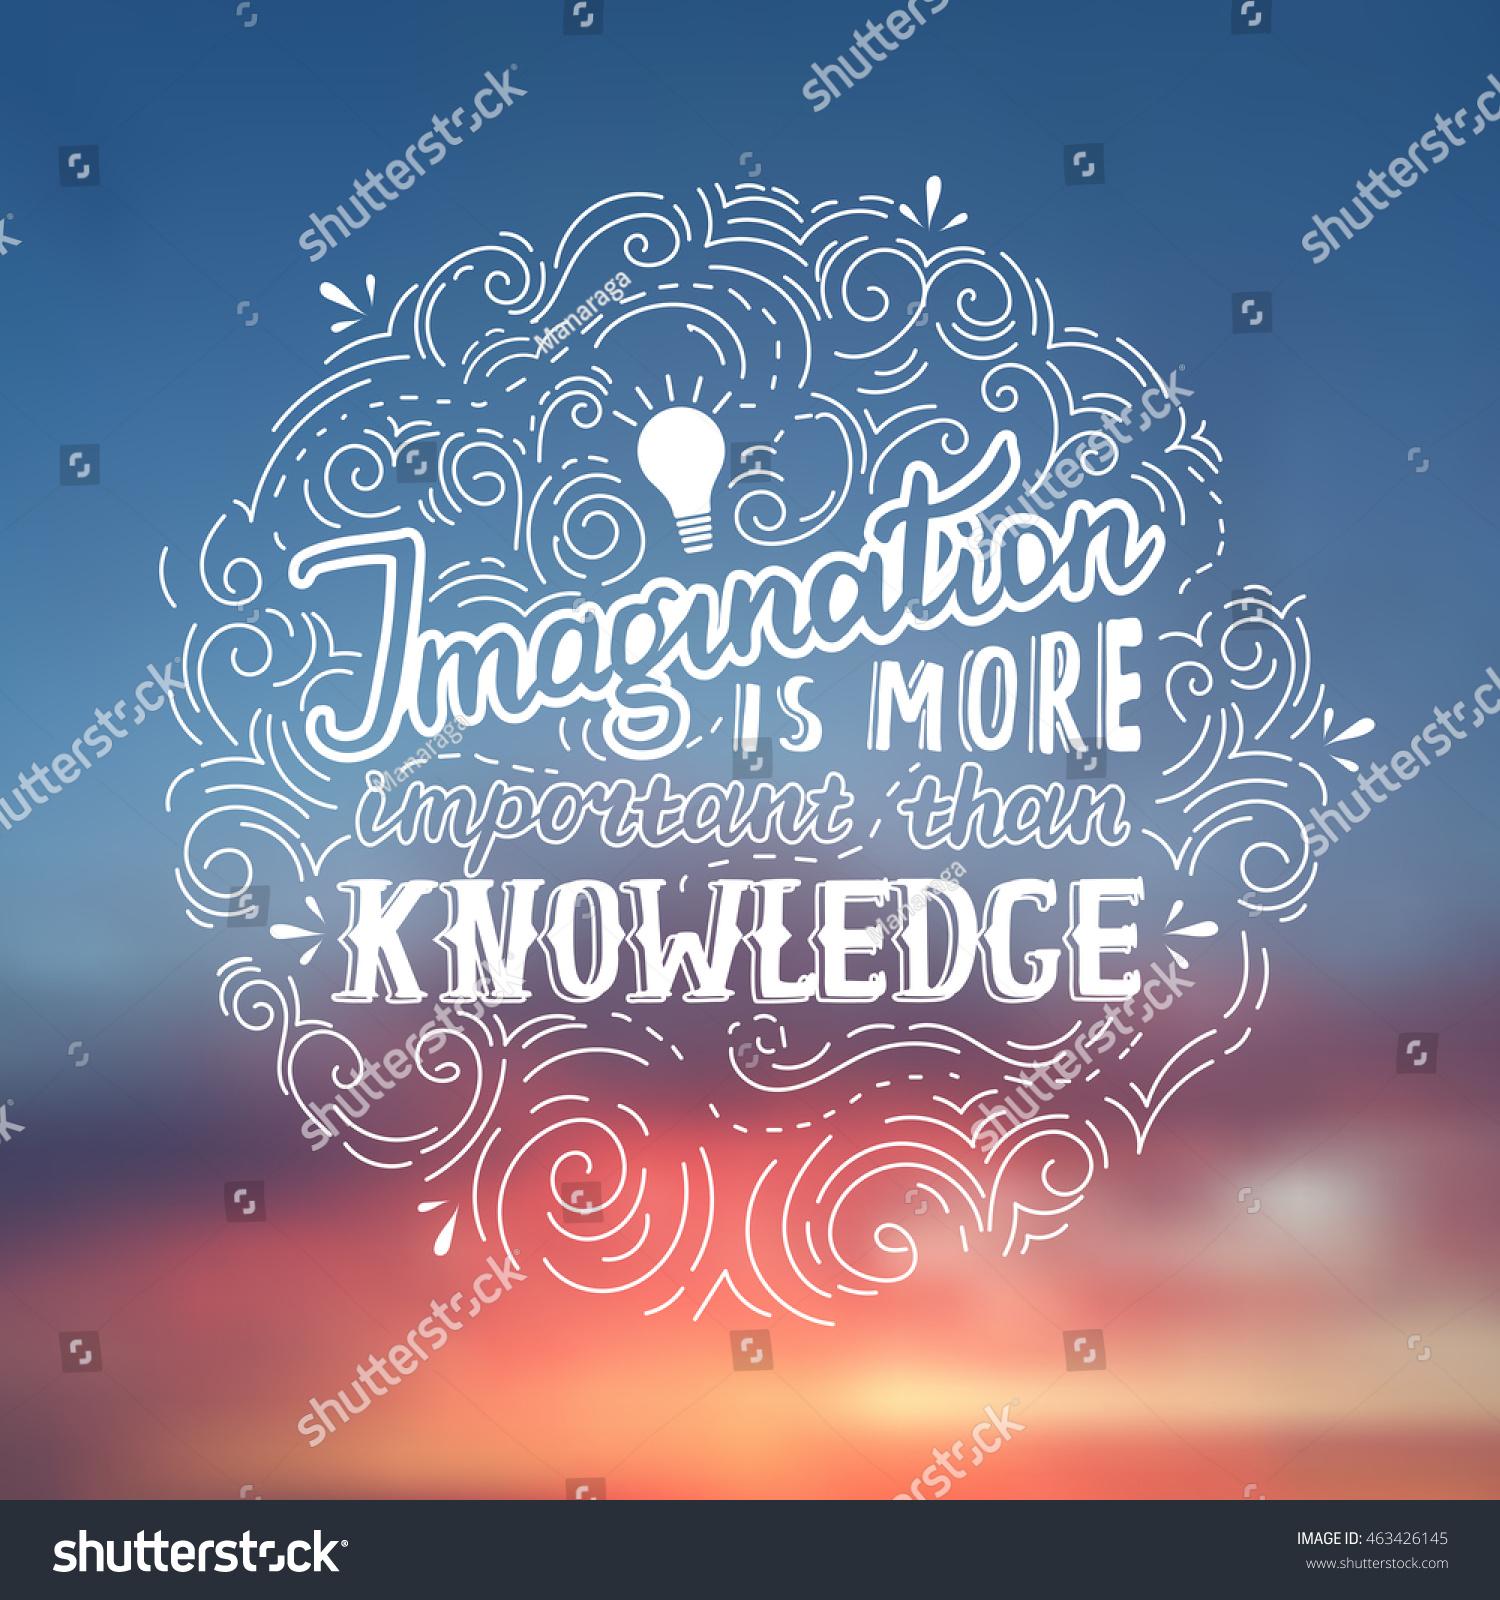 Einstein Quotes Imagination Is More Important Than Knowledge: Imagination More Important Than Knowledge Einstein Stock